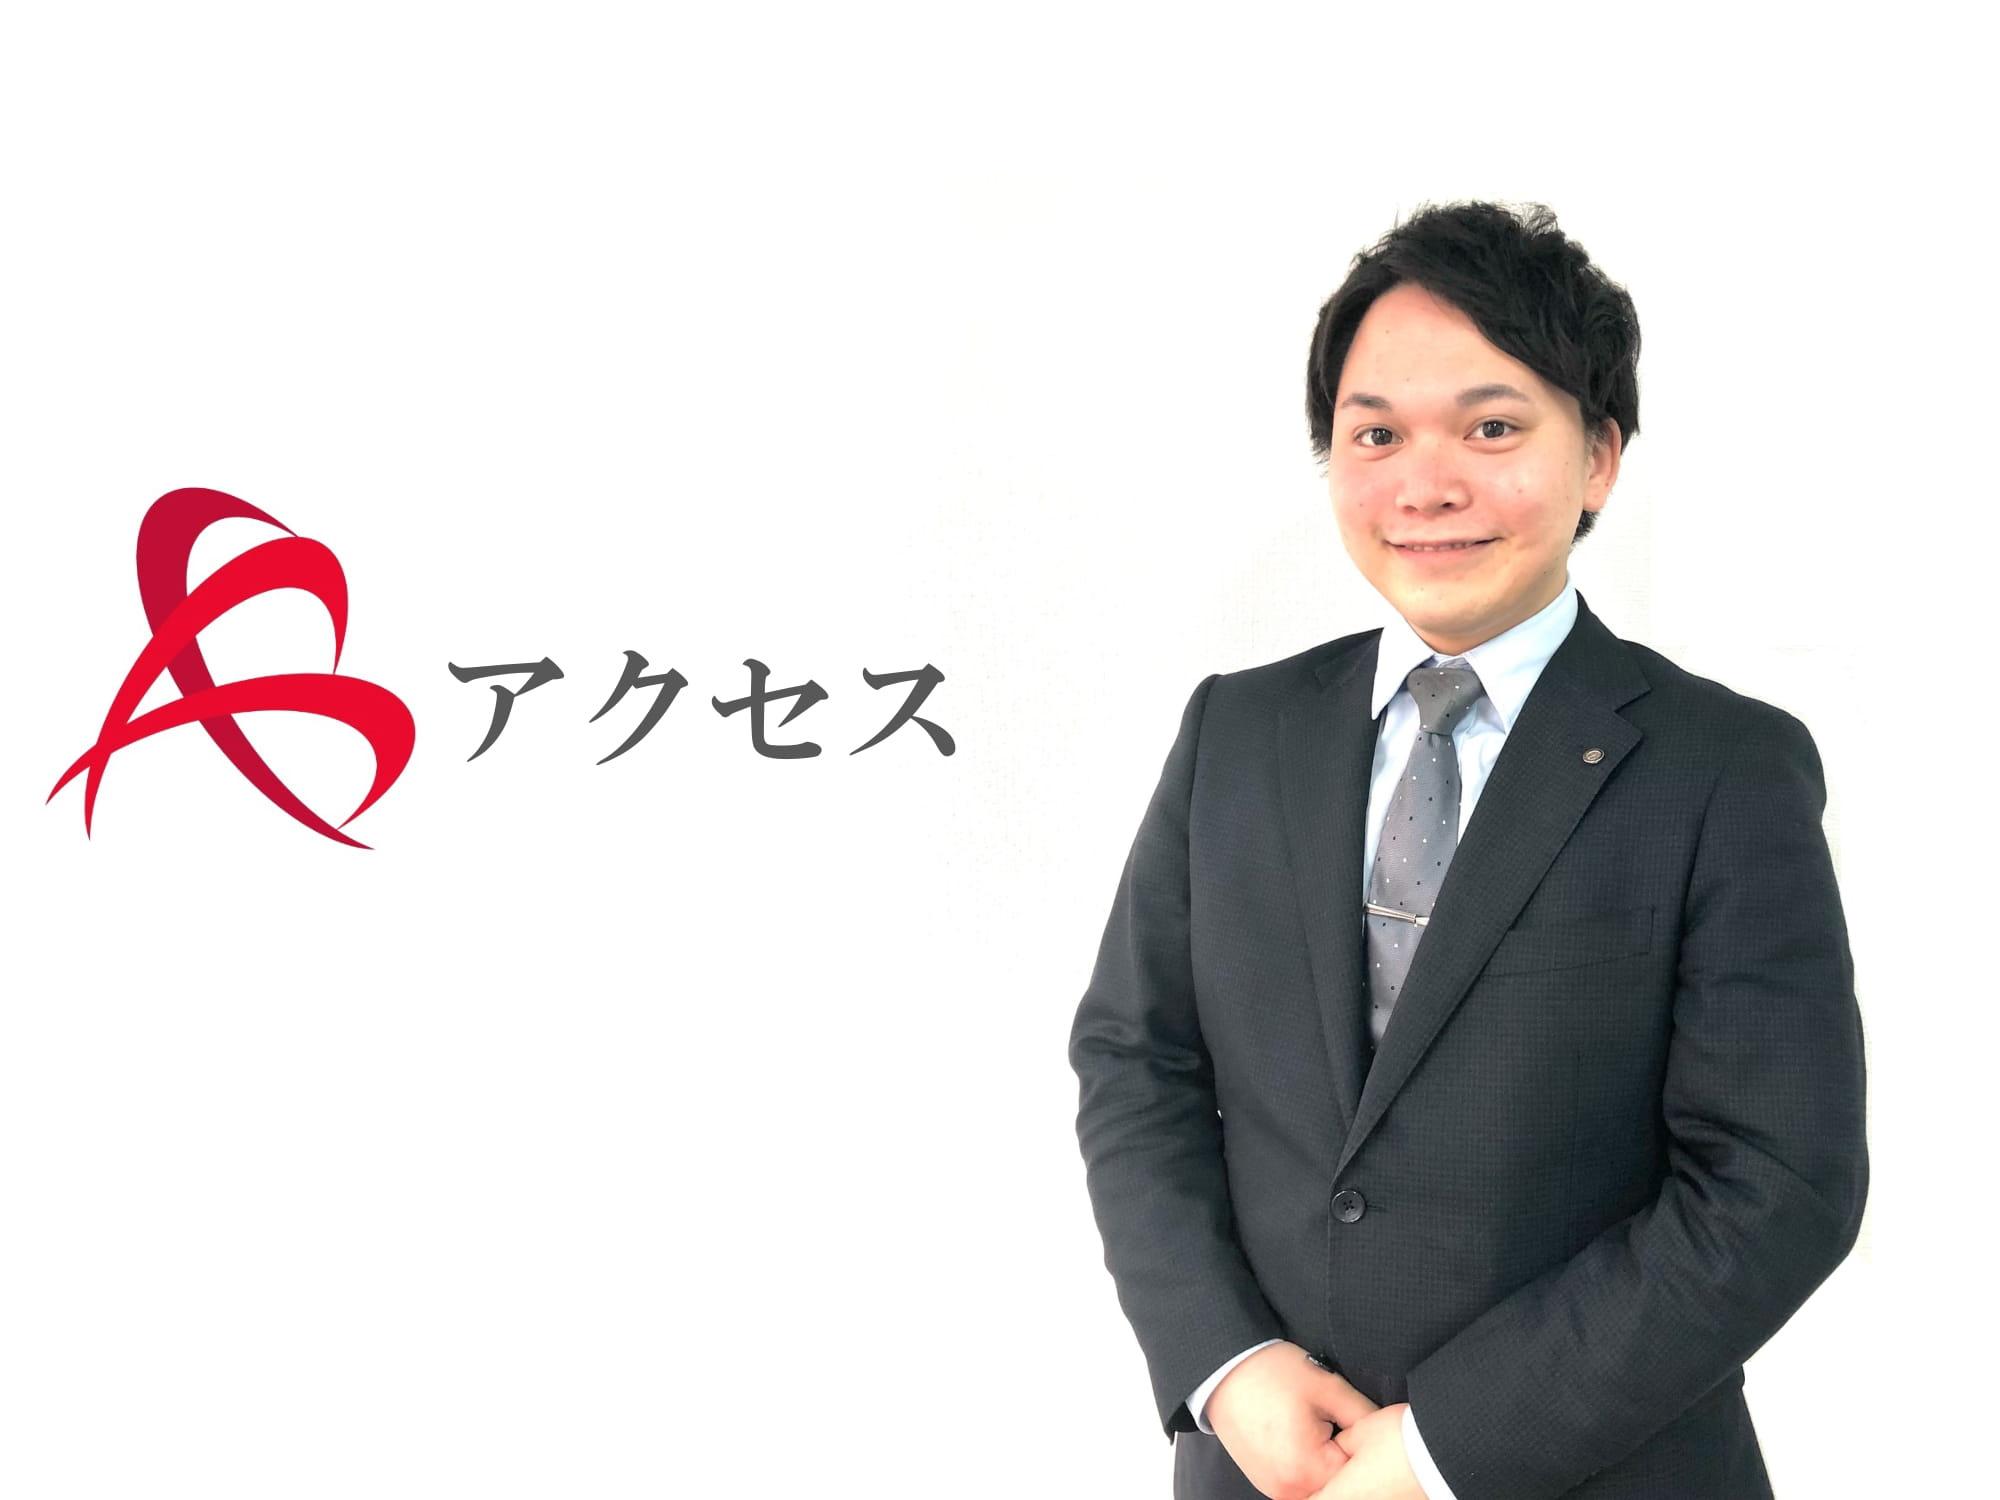 宇井 啓太(うい けいた)の画像